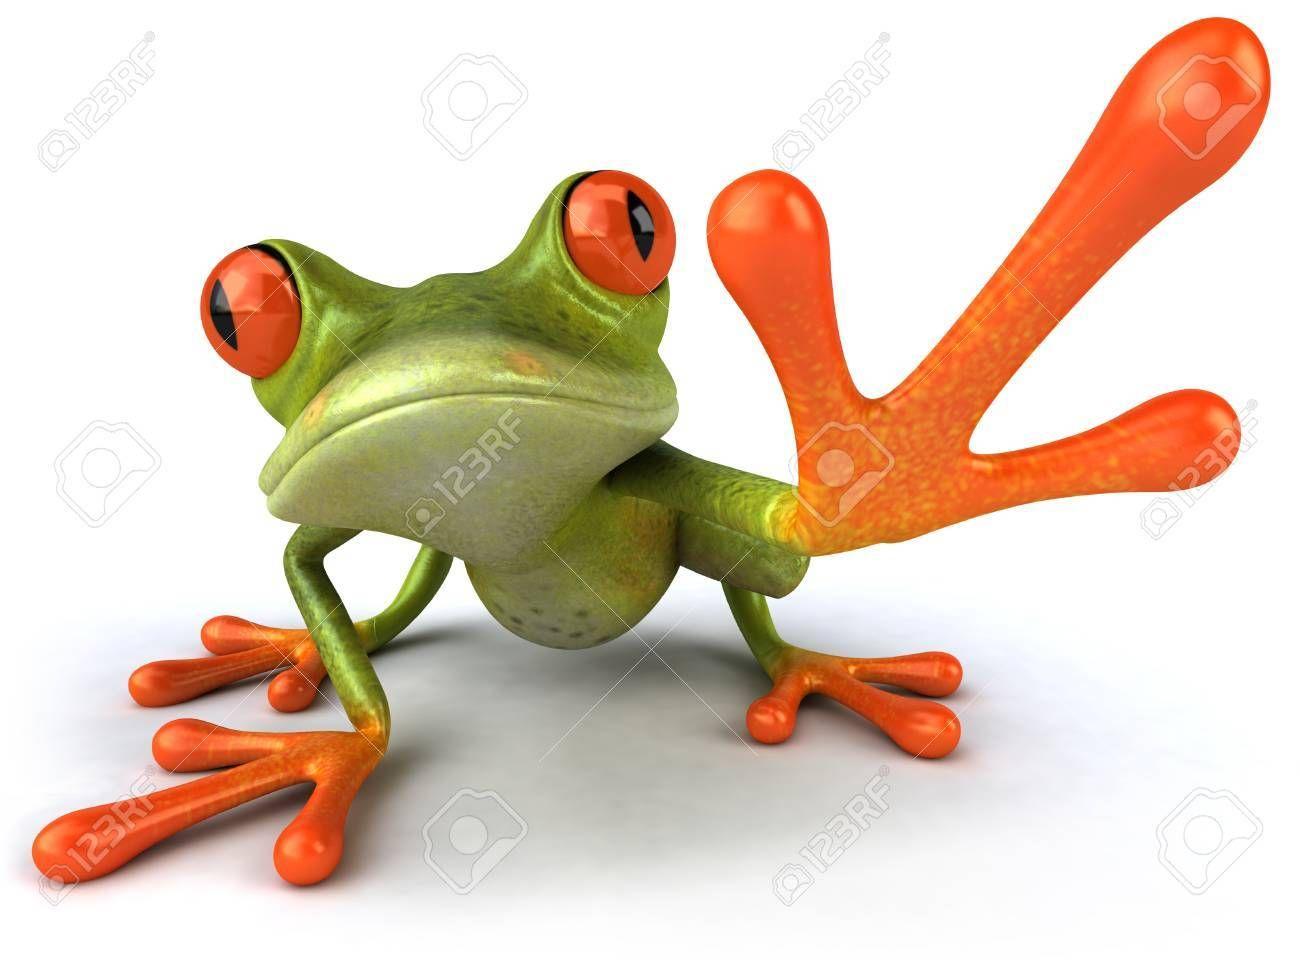 Cartoon Frog Aff Cartoon Frog Com Imagens Animais Ras